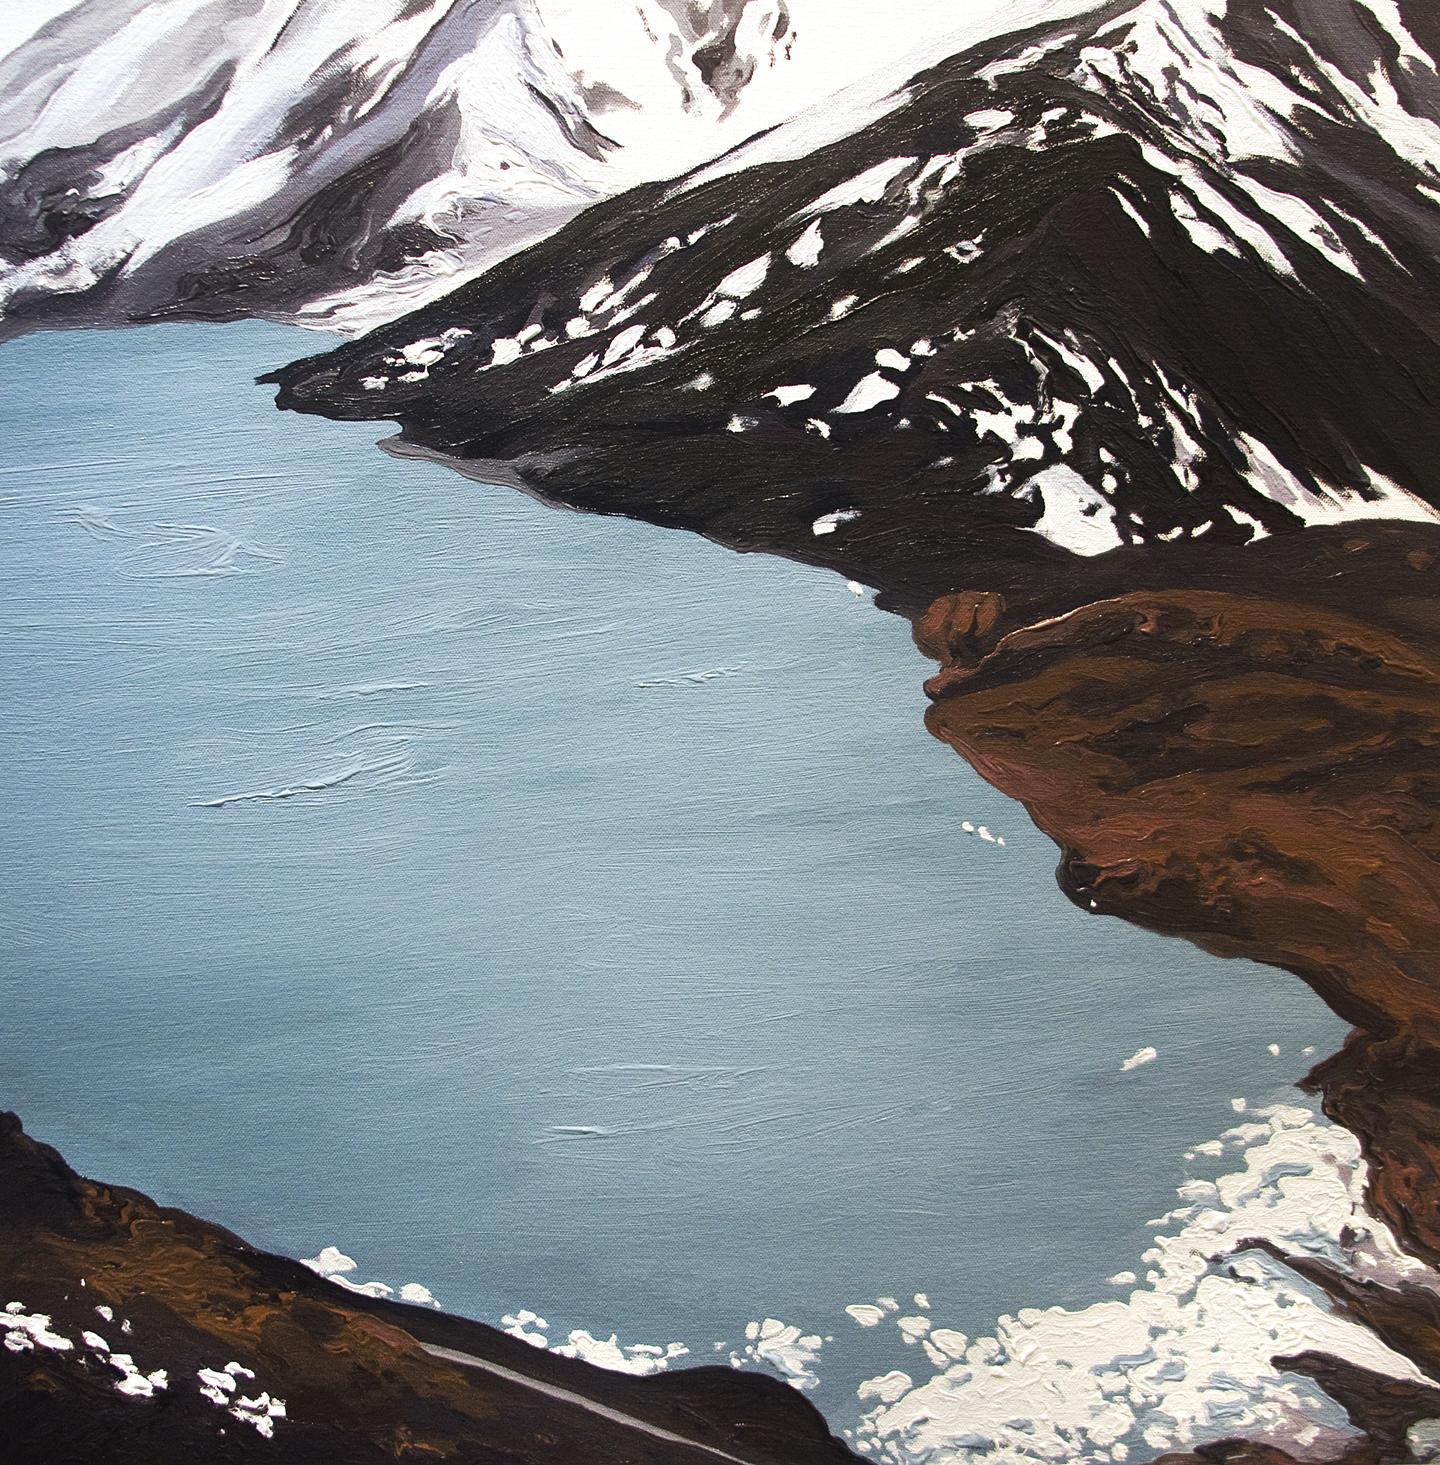 Portage Glacier 2009, after Gary Braasch